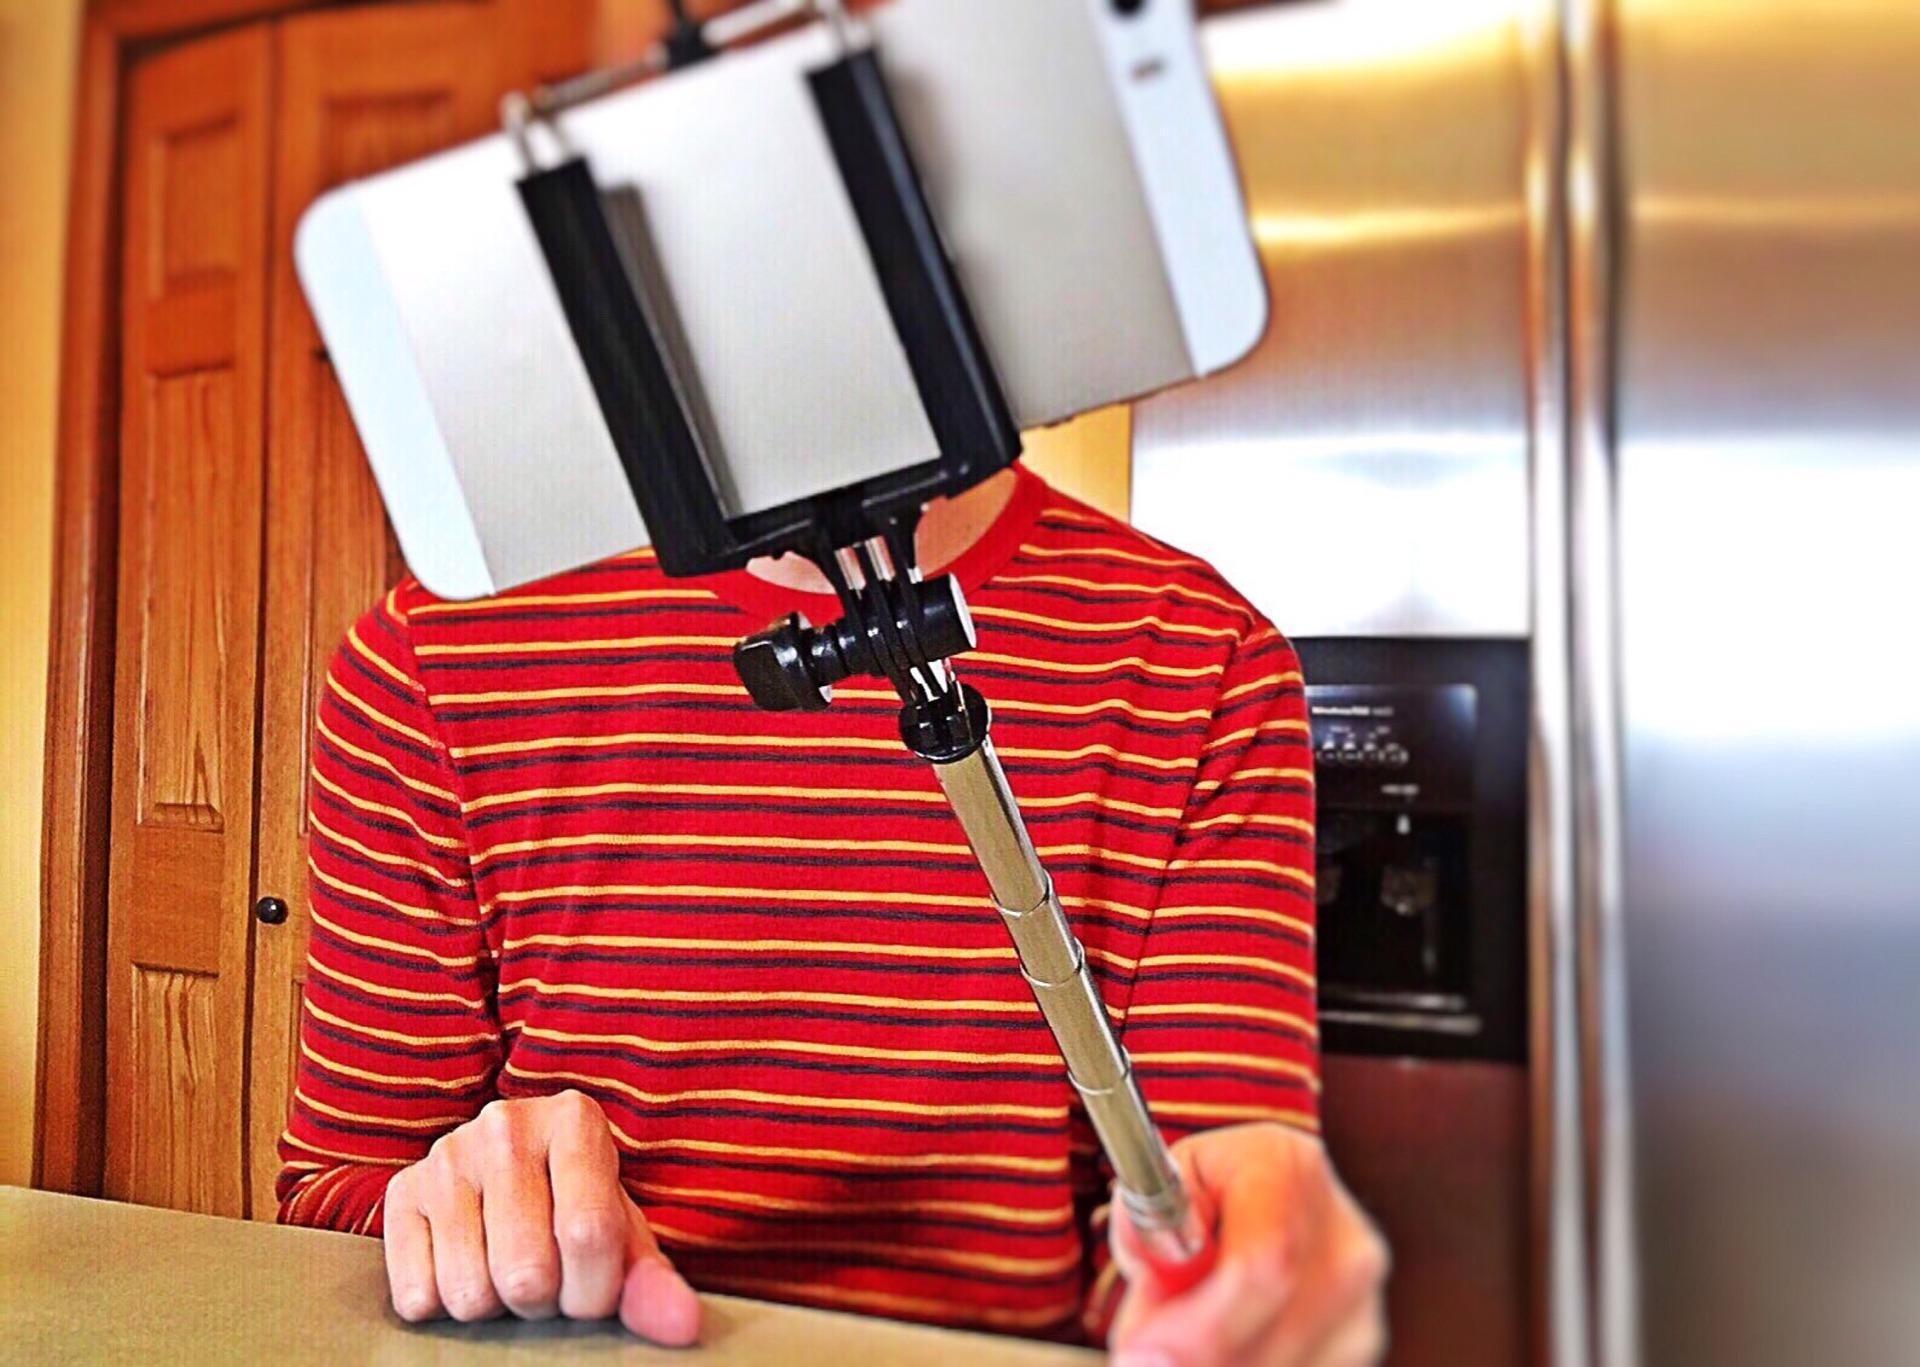 I migliori accessori per smartphone